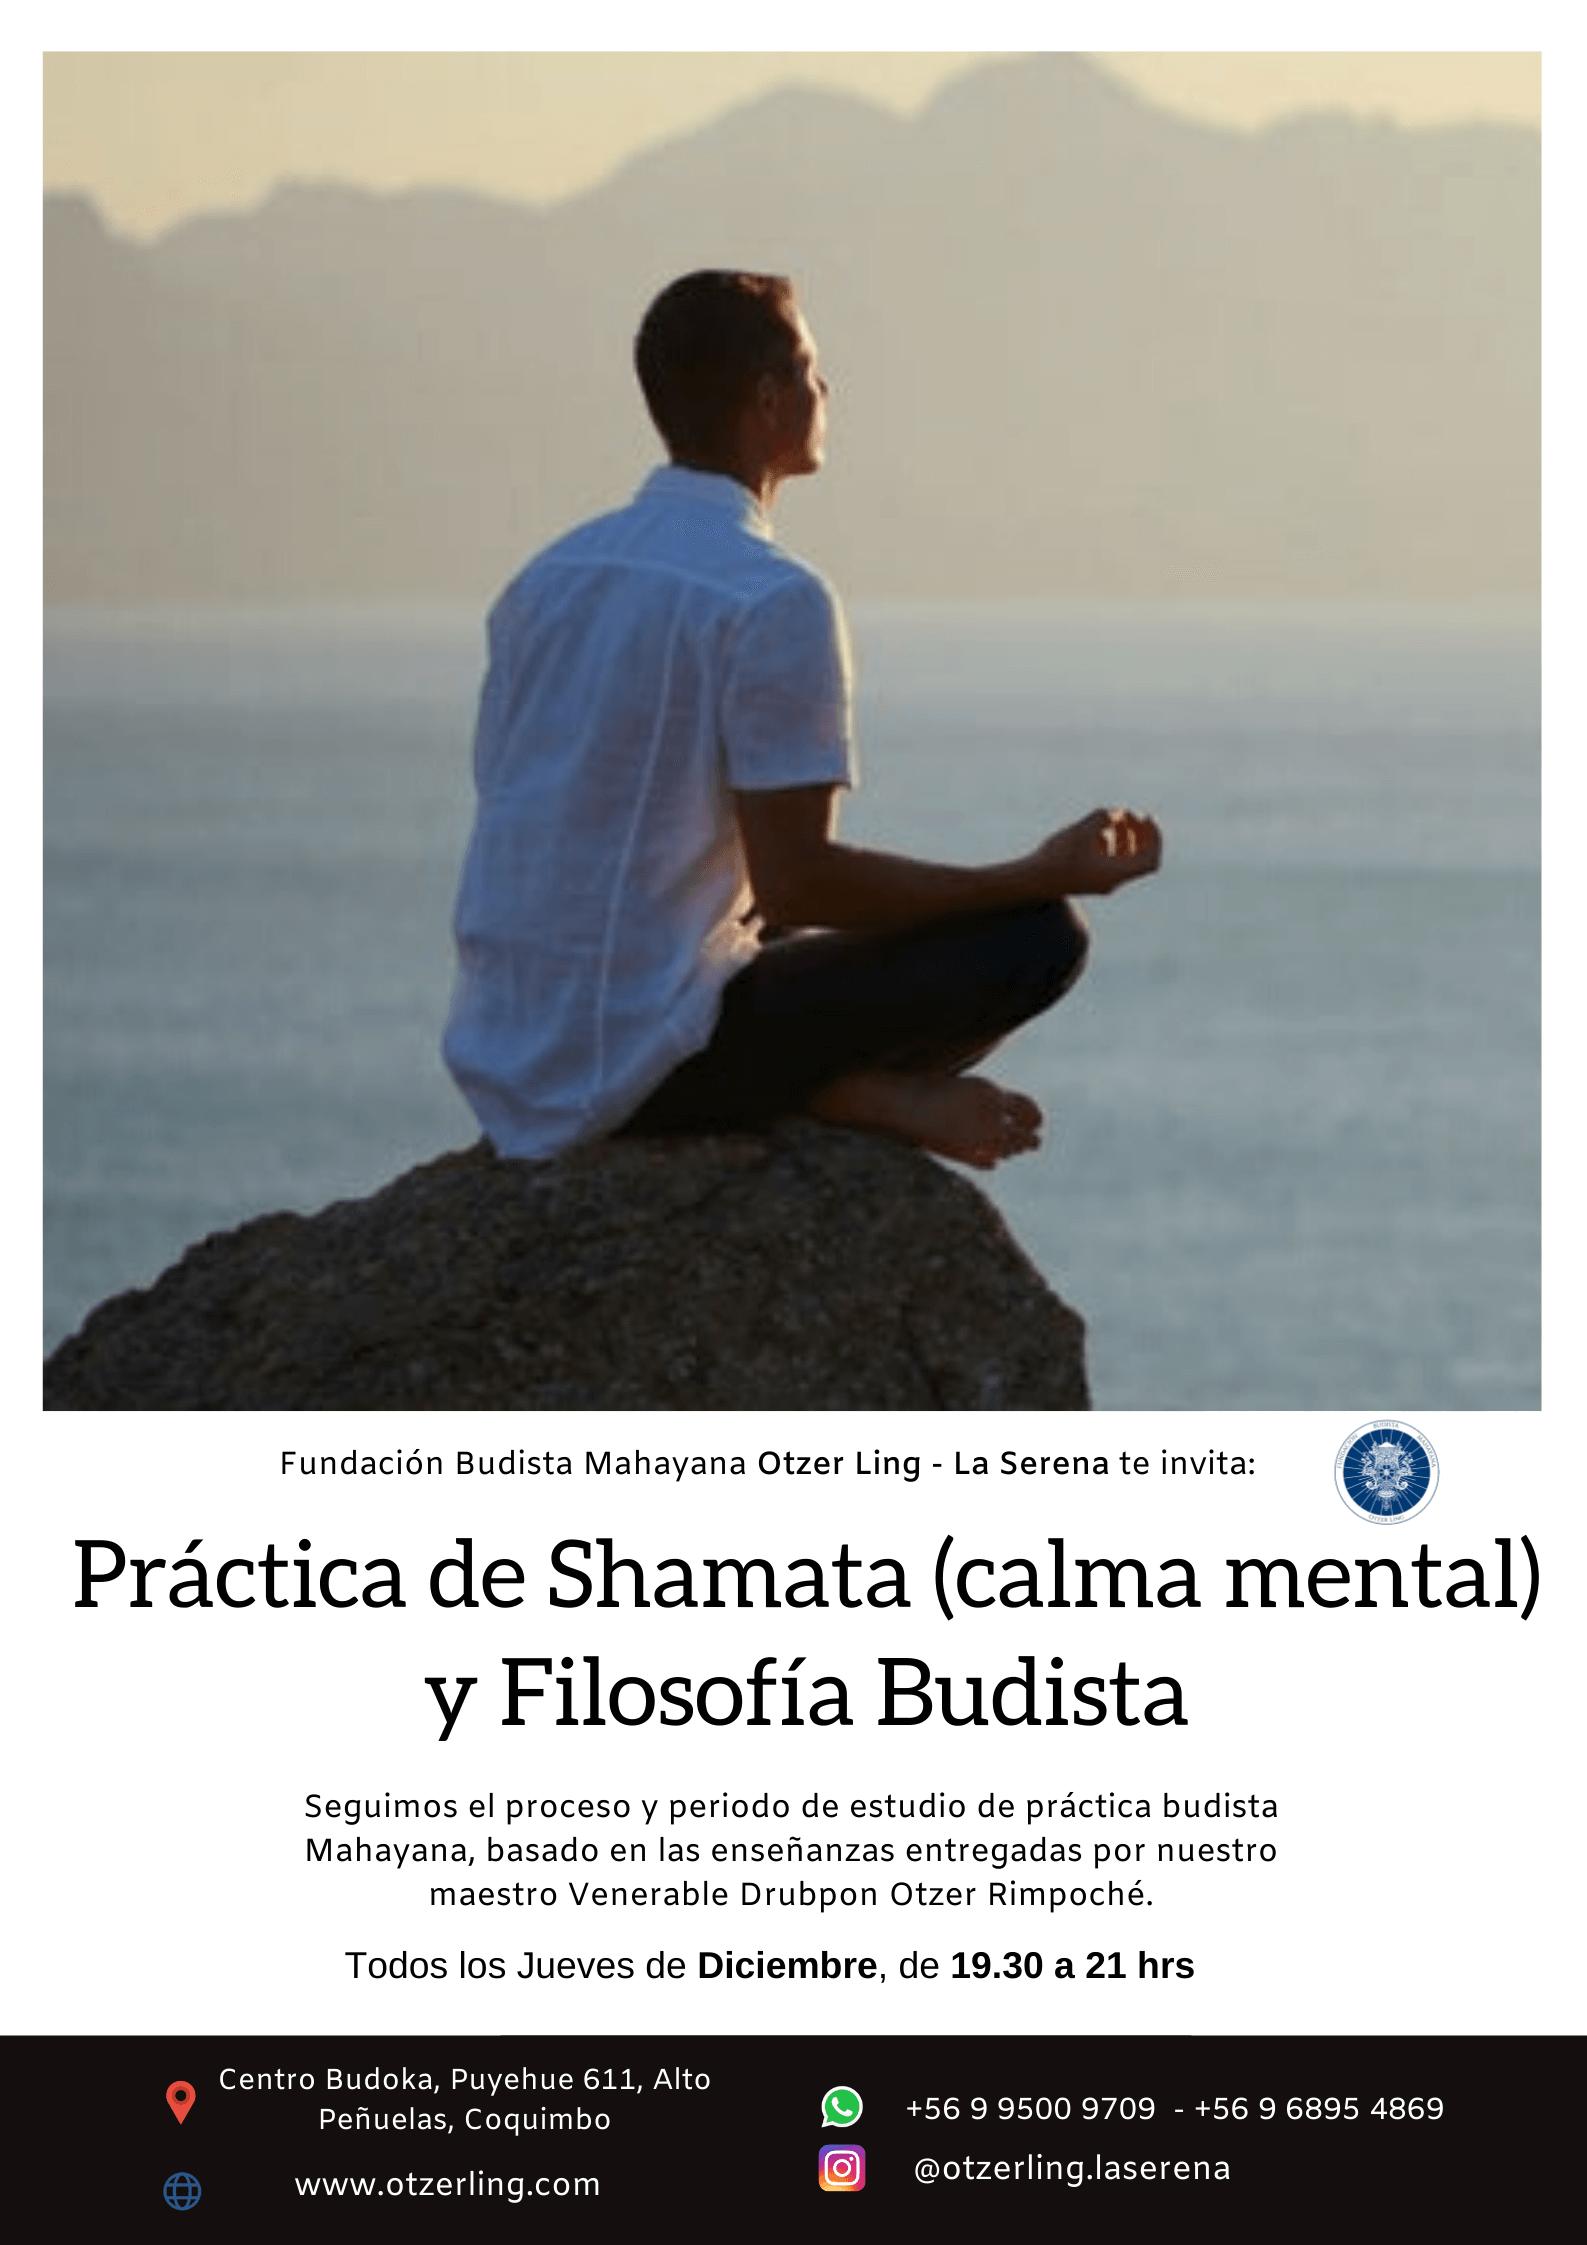 Practica de Calma Mental y Filosofía Budista